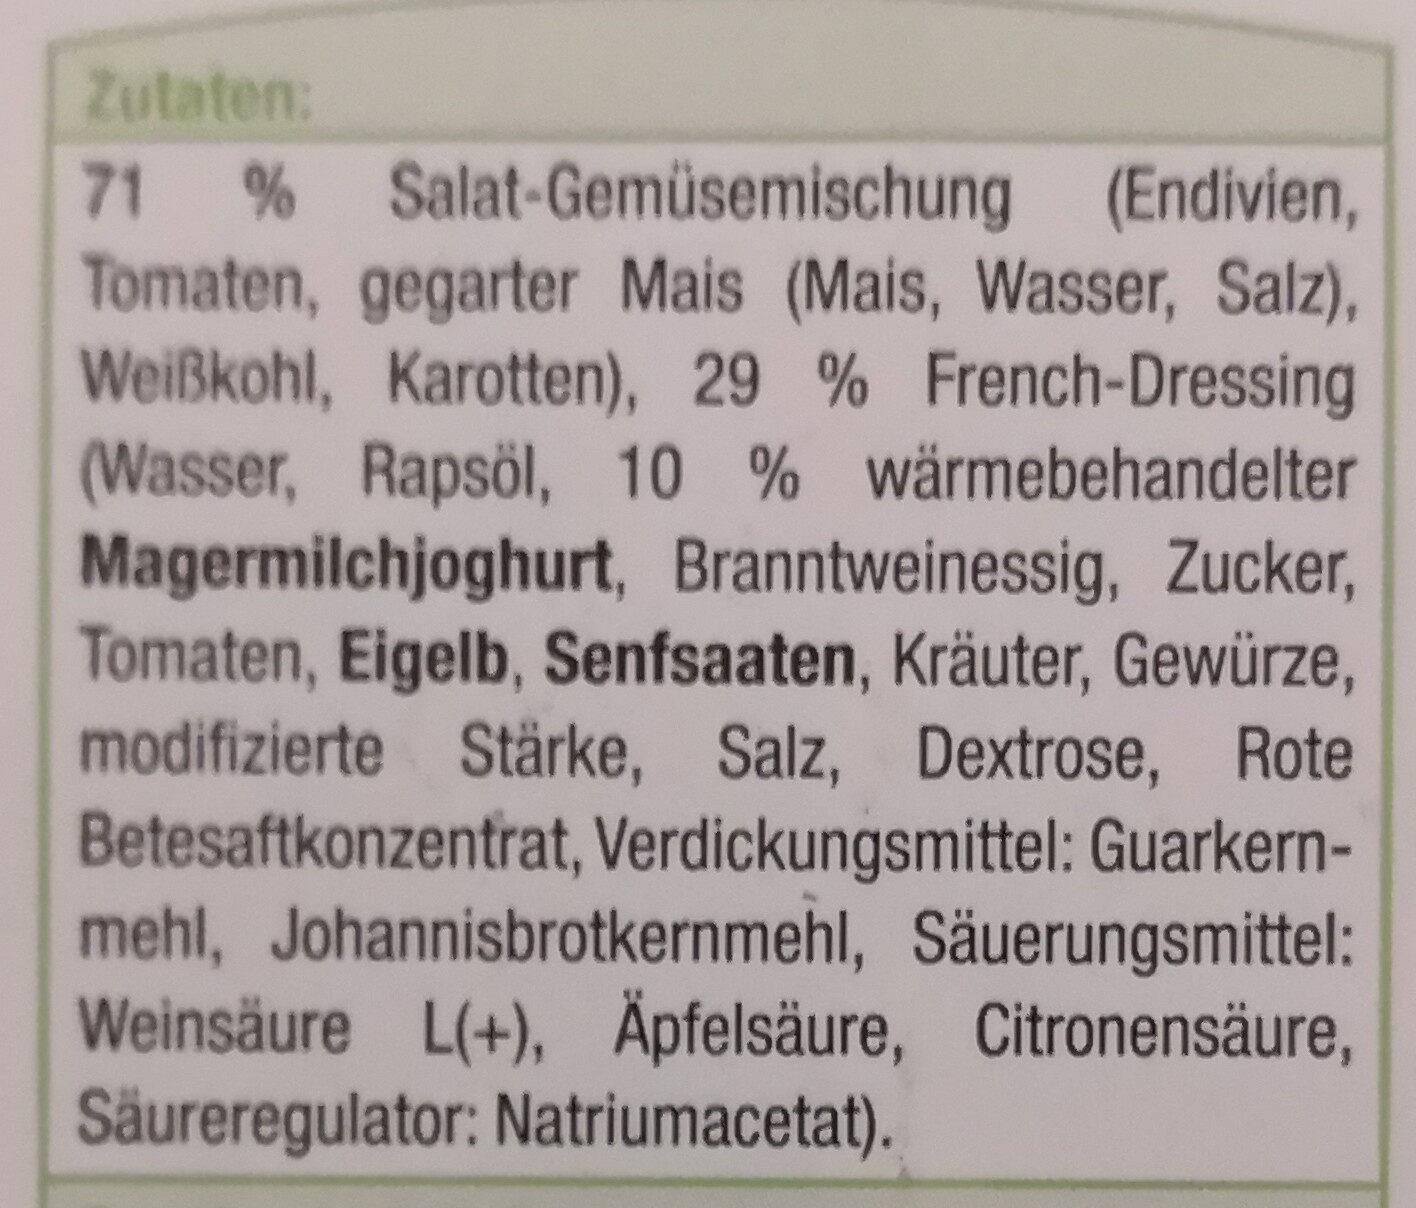 Gartensalat - Zutaten - de